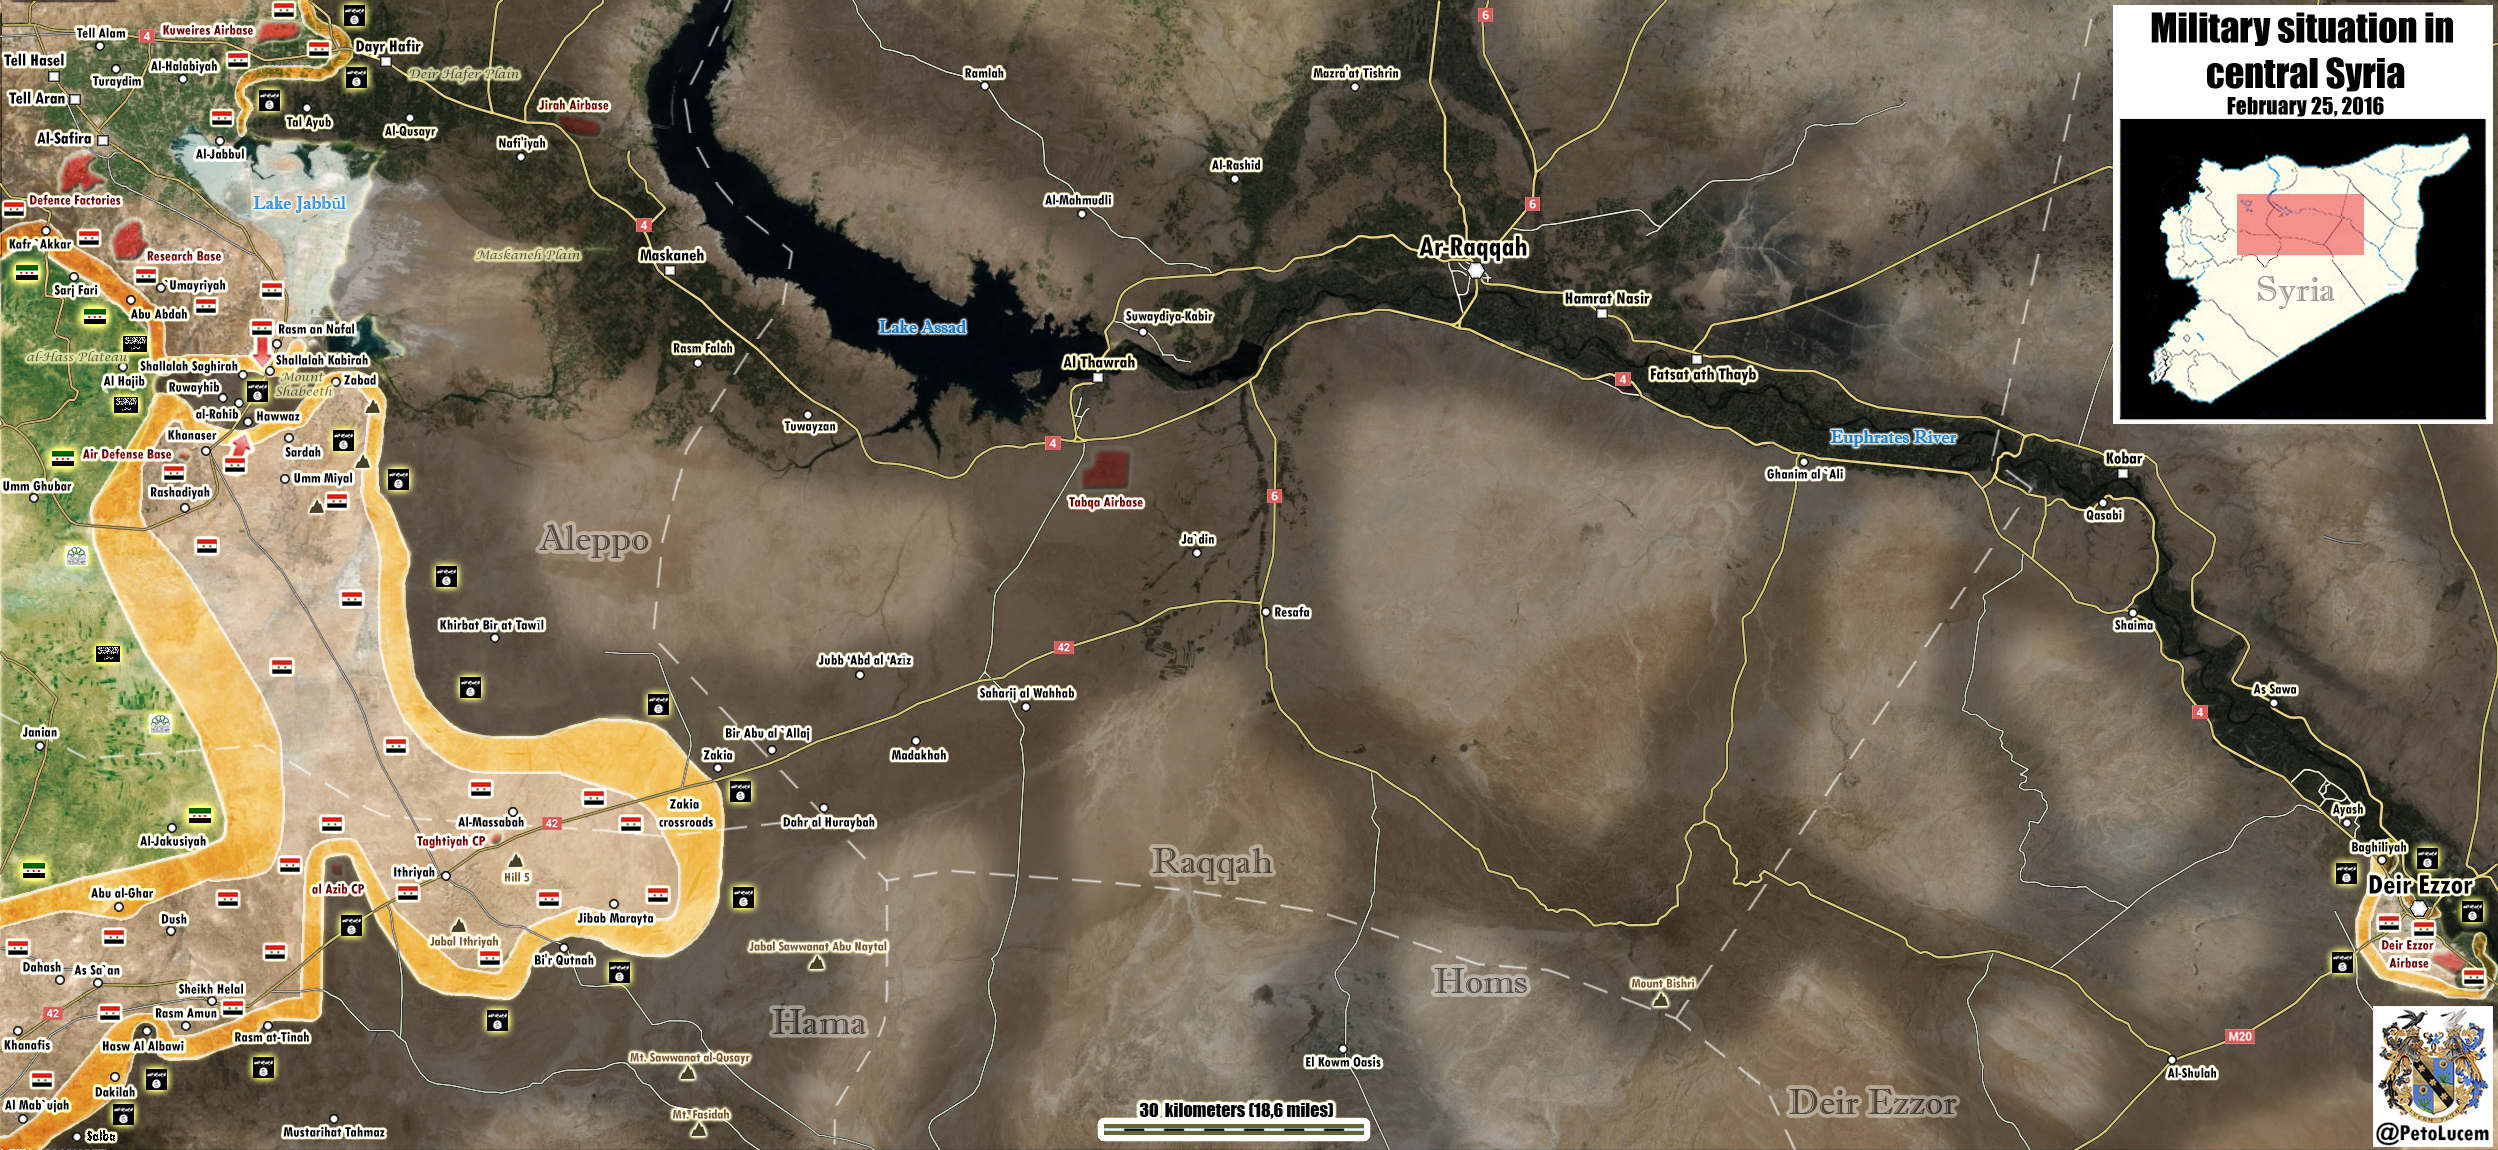 """Асадисты наступают на боевиков ИГИЛ, пытаясь деблокировать """"котел"""" Алеппо, в который попала САА и проиранские боевики"""